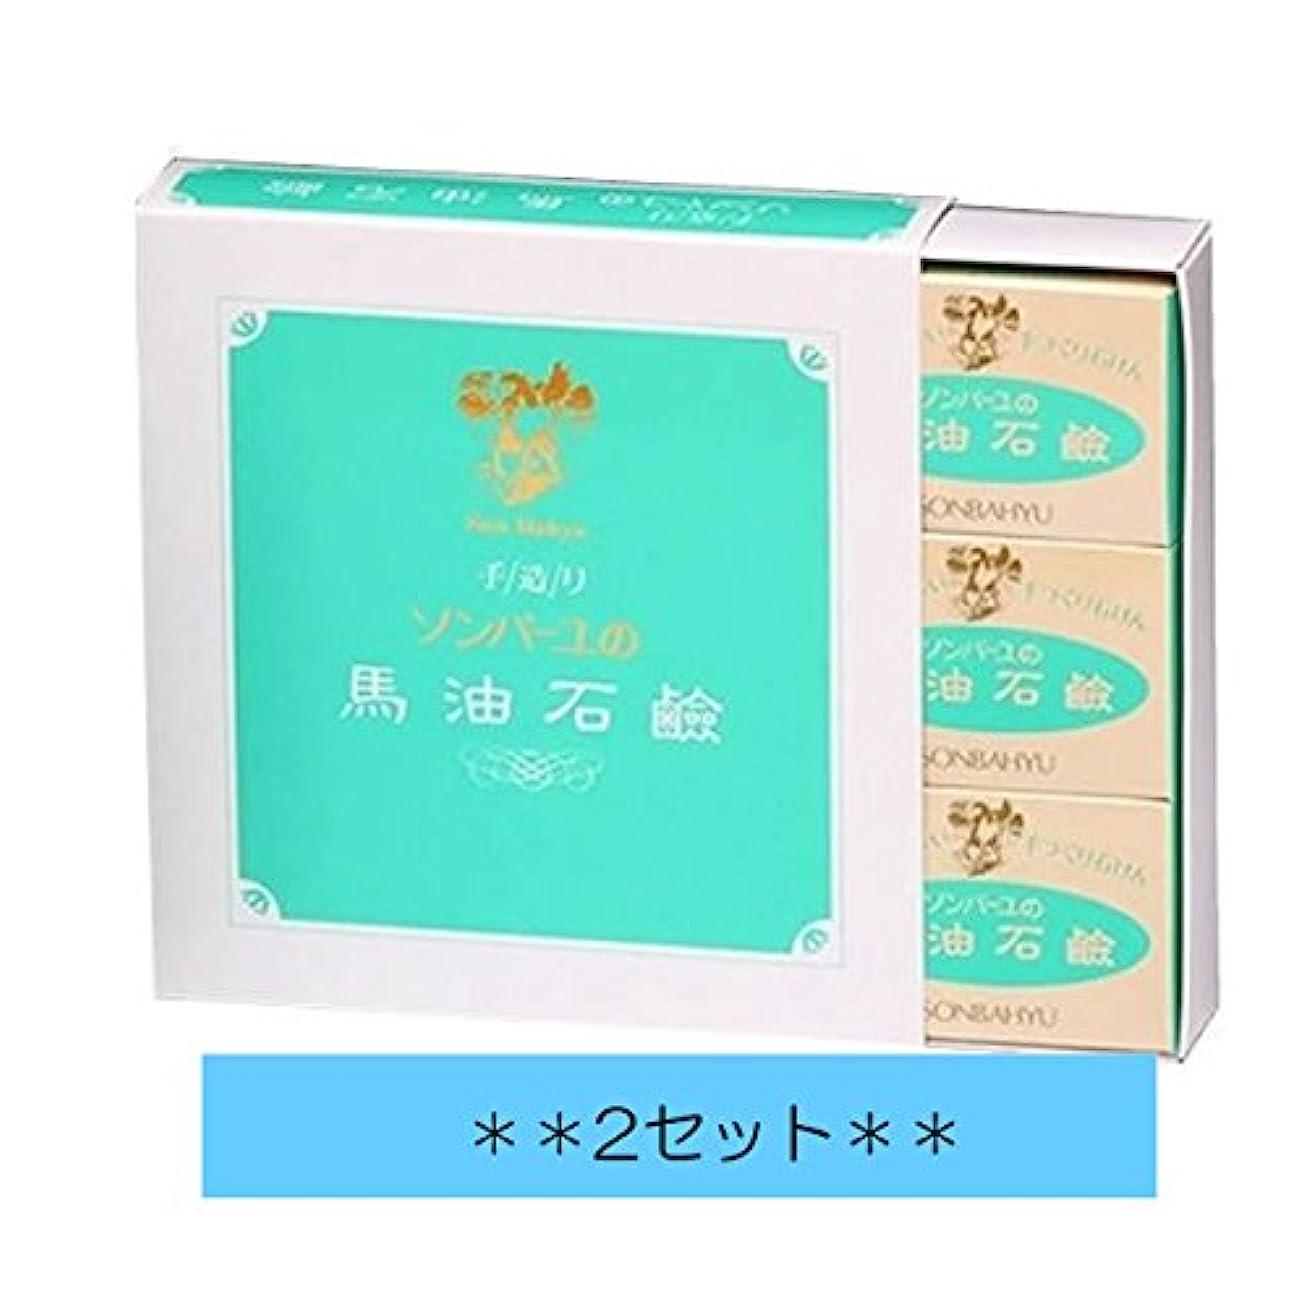 タービンむき出し絶え間ない【2箱セット】ソンバーユ石鹸 85g×6個